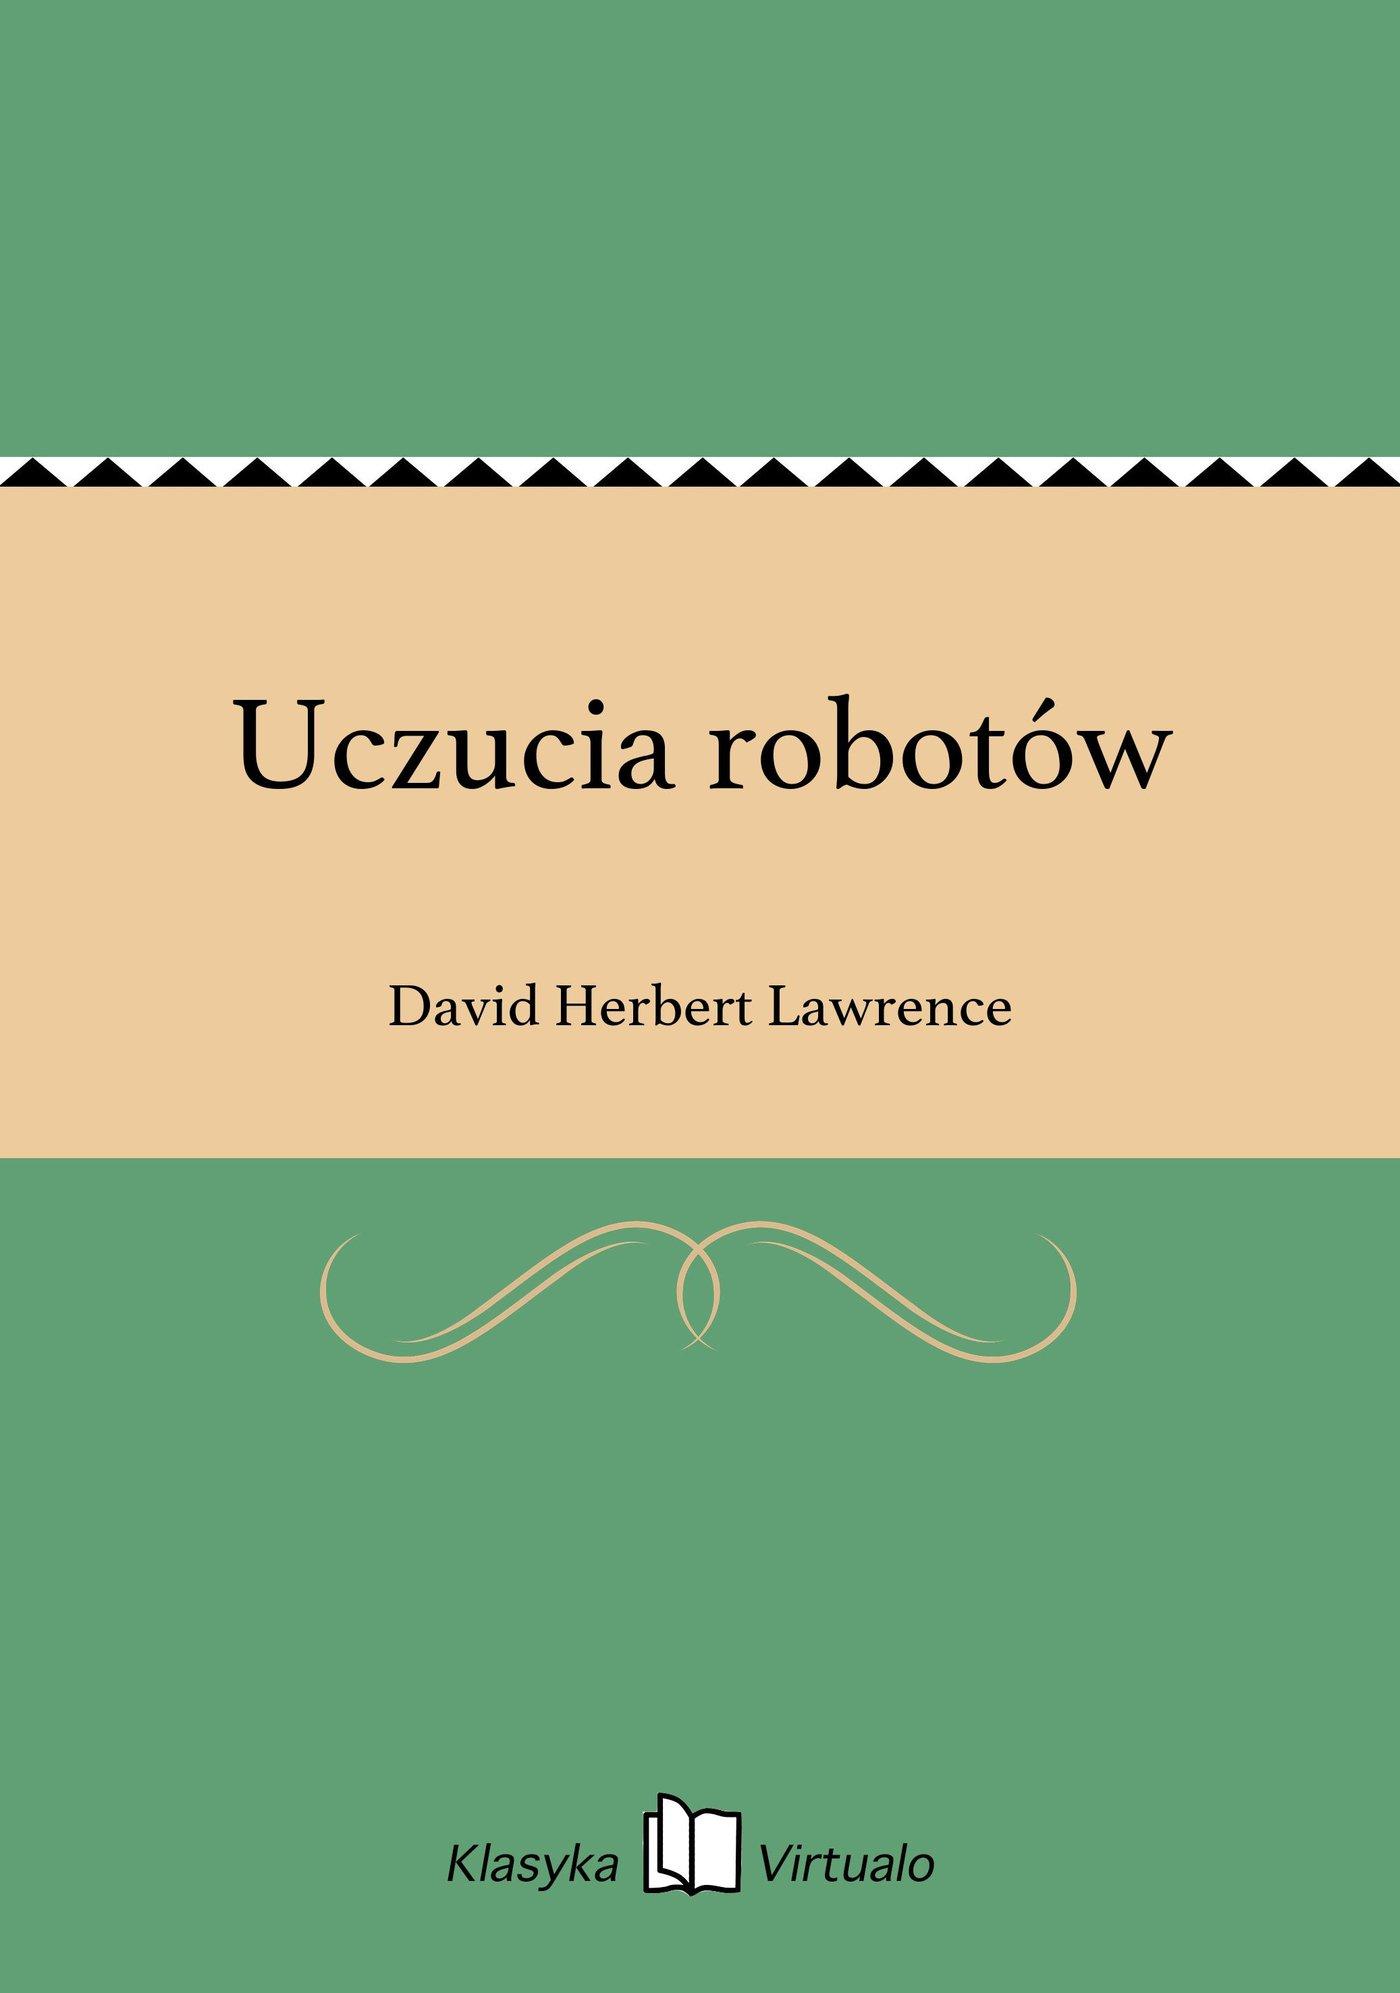 Uczucia robotów - Ebook (Książka EPUB) do pobrania w formacie EPUB